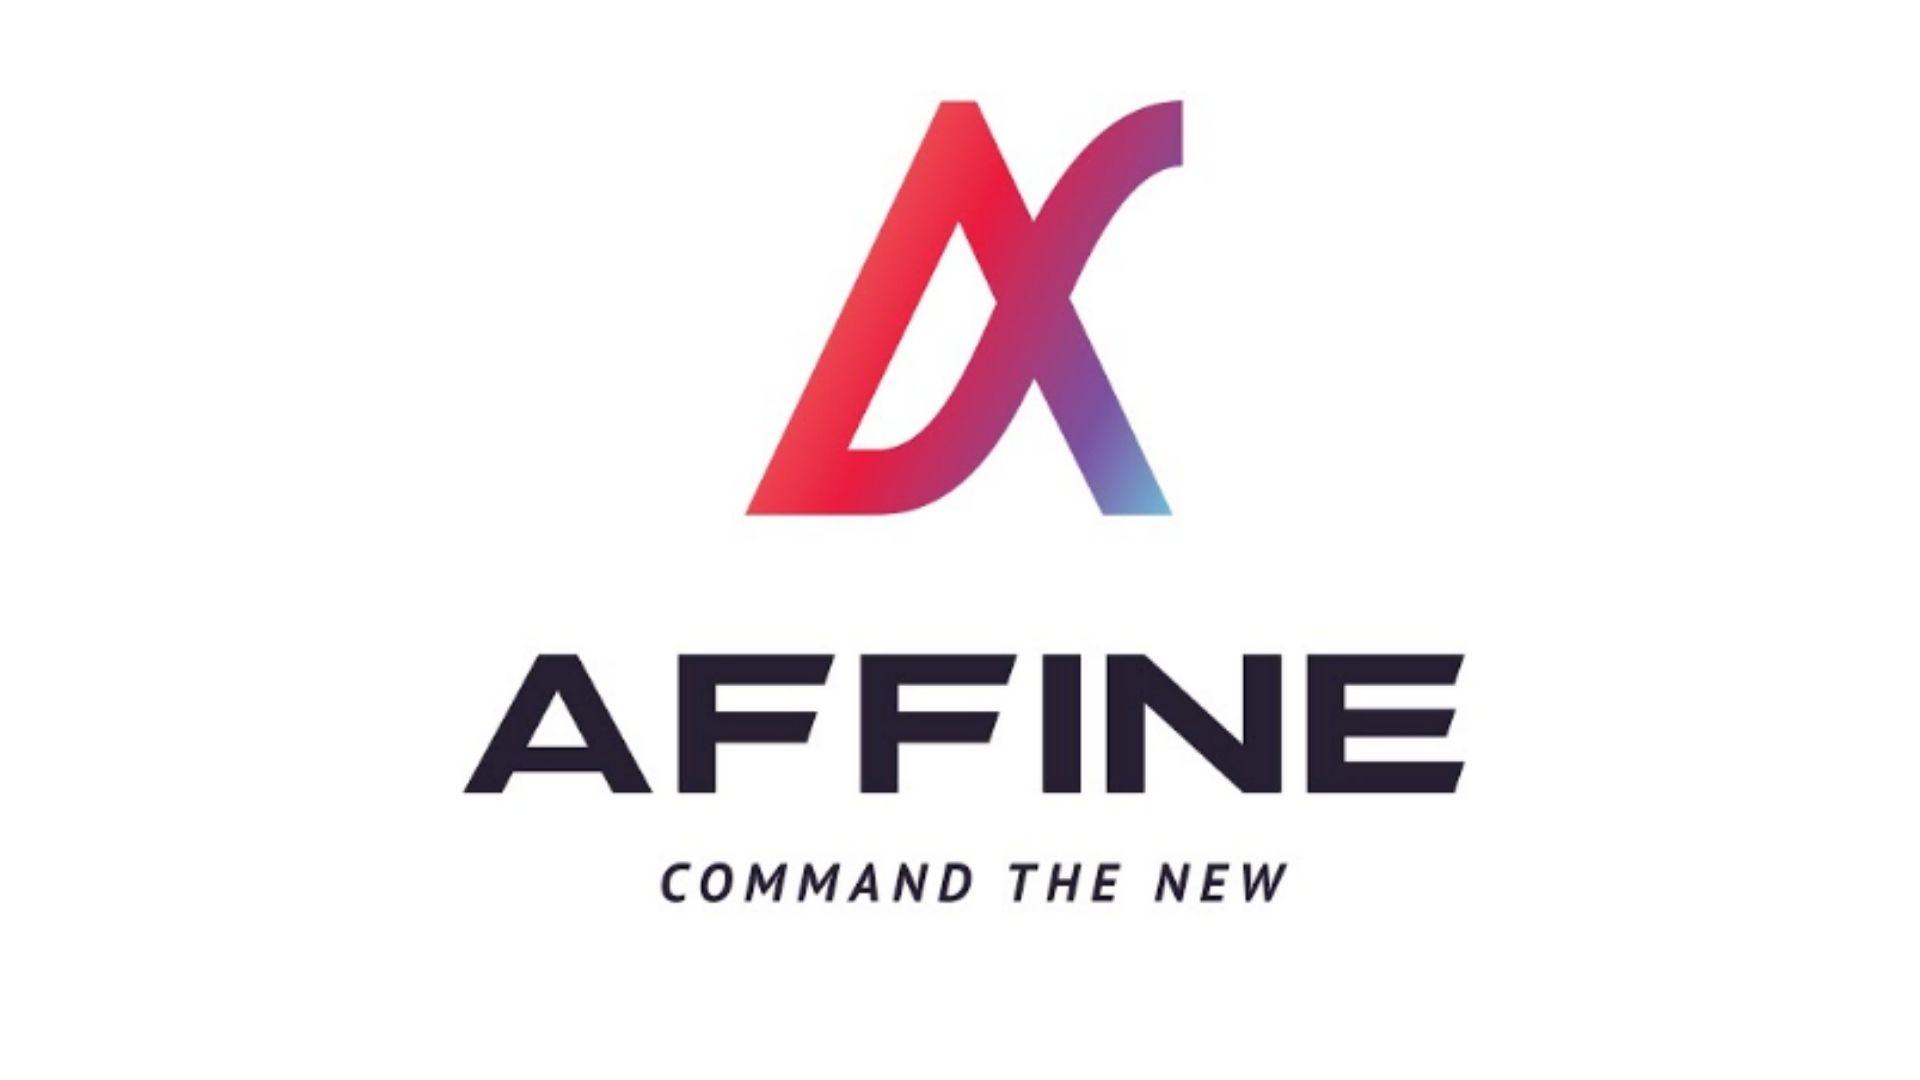 Affine unveils new brand identity - Exchange4media